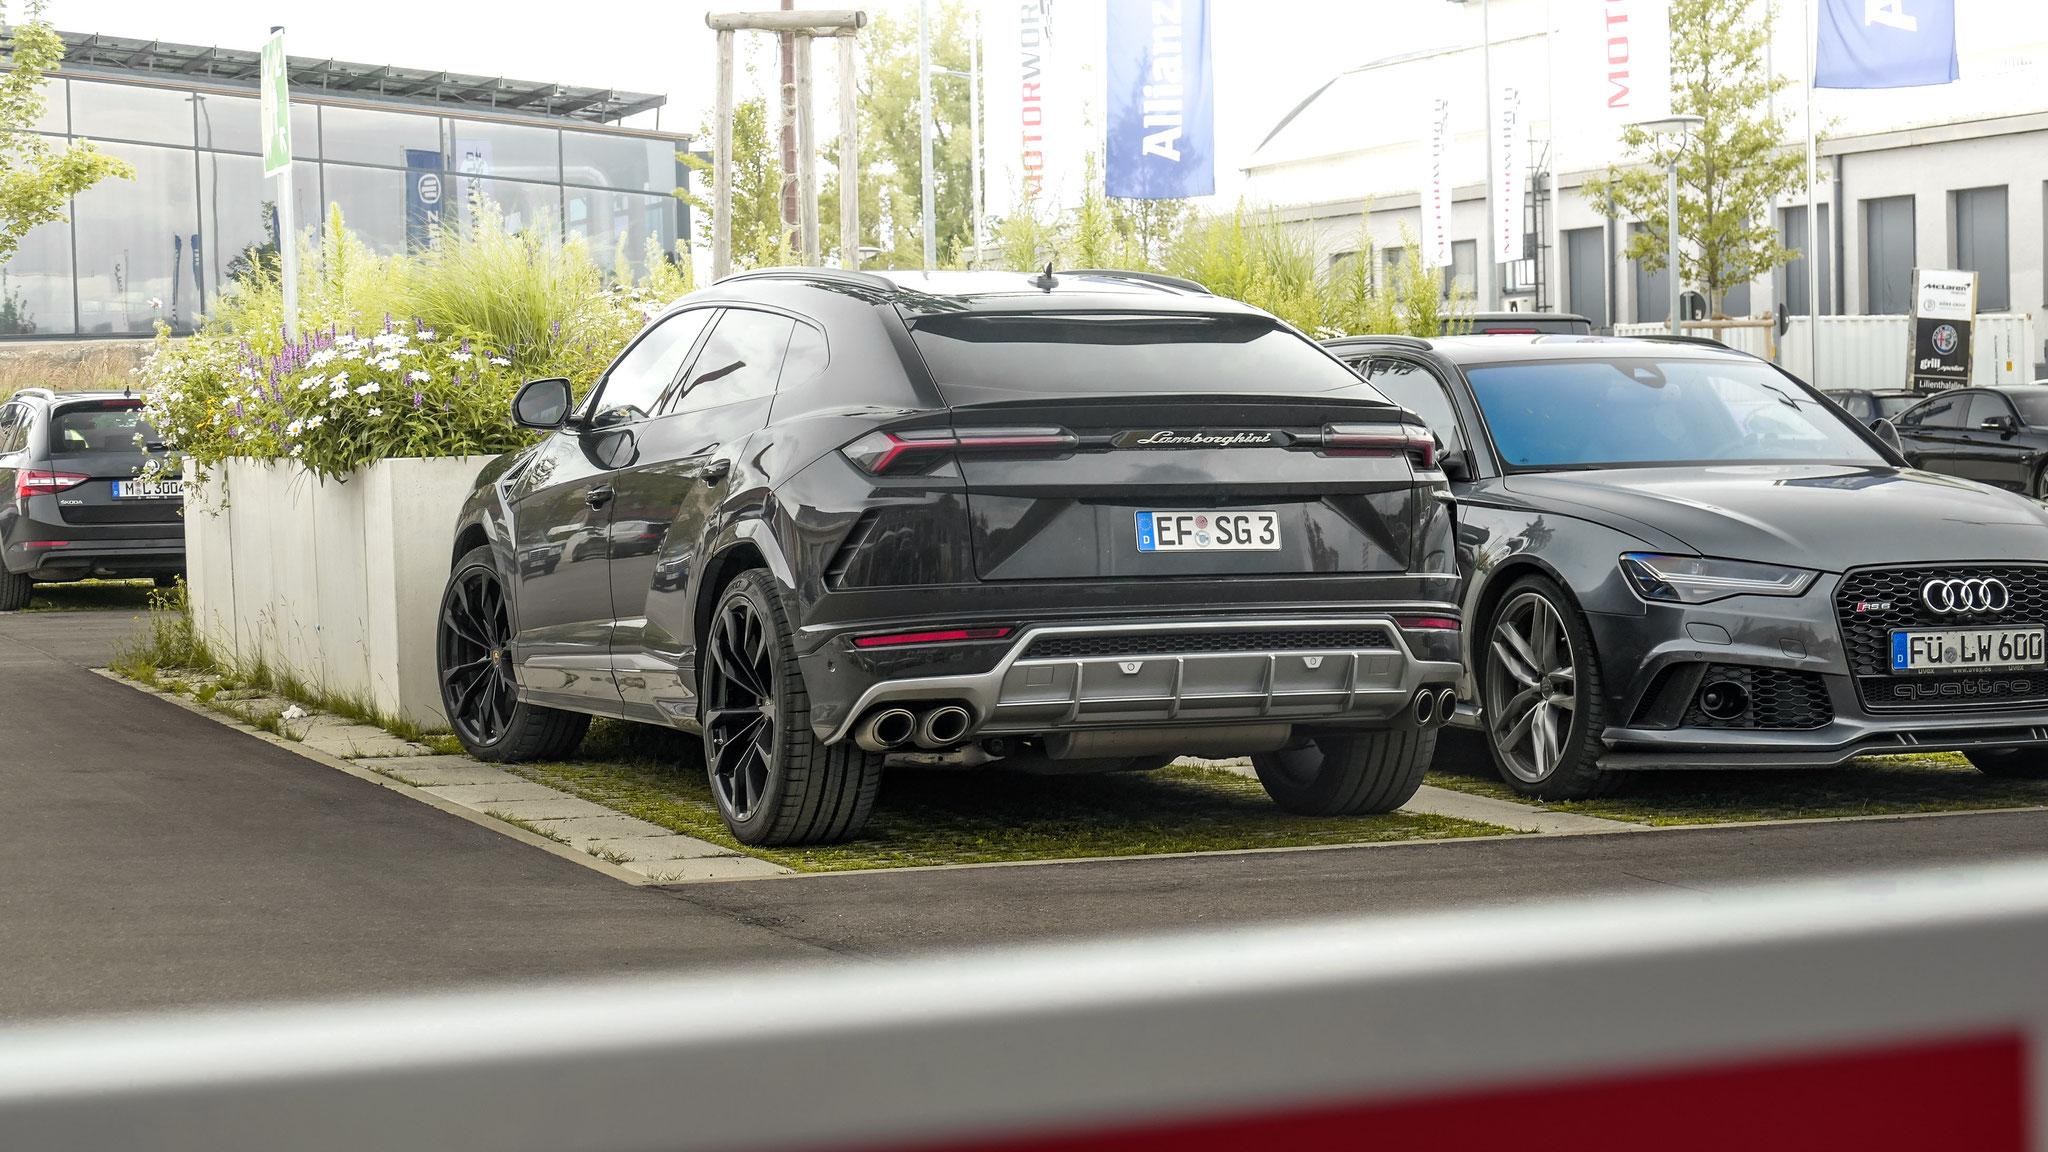 Lamborghini Urus - EF-SG-3